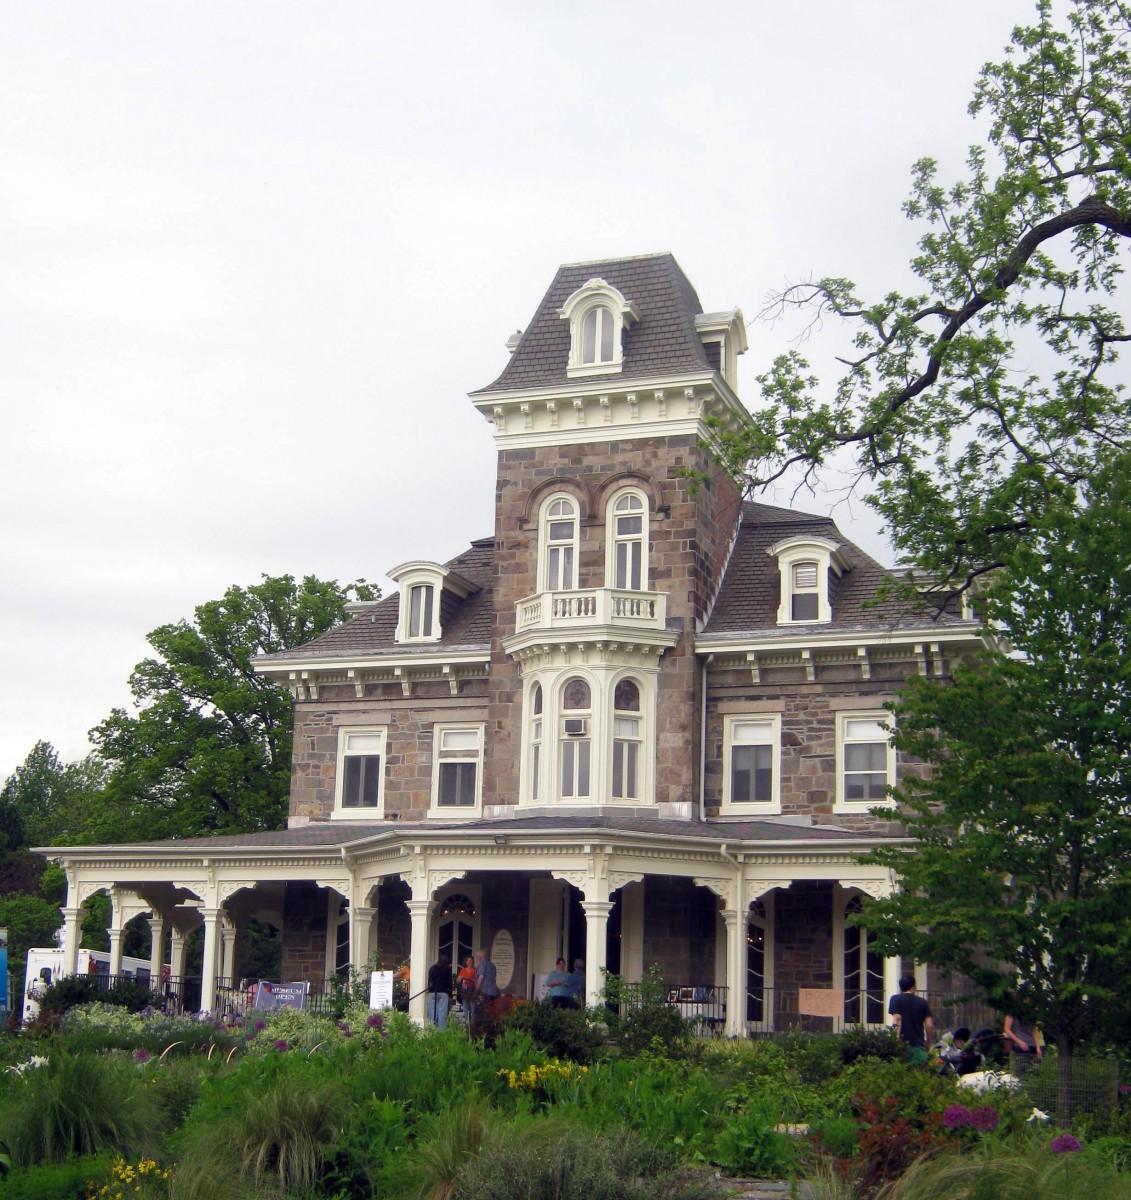 Cylburn Arboretum: Baltimore's Best Victorian Mansion and Public Garden